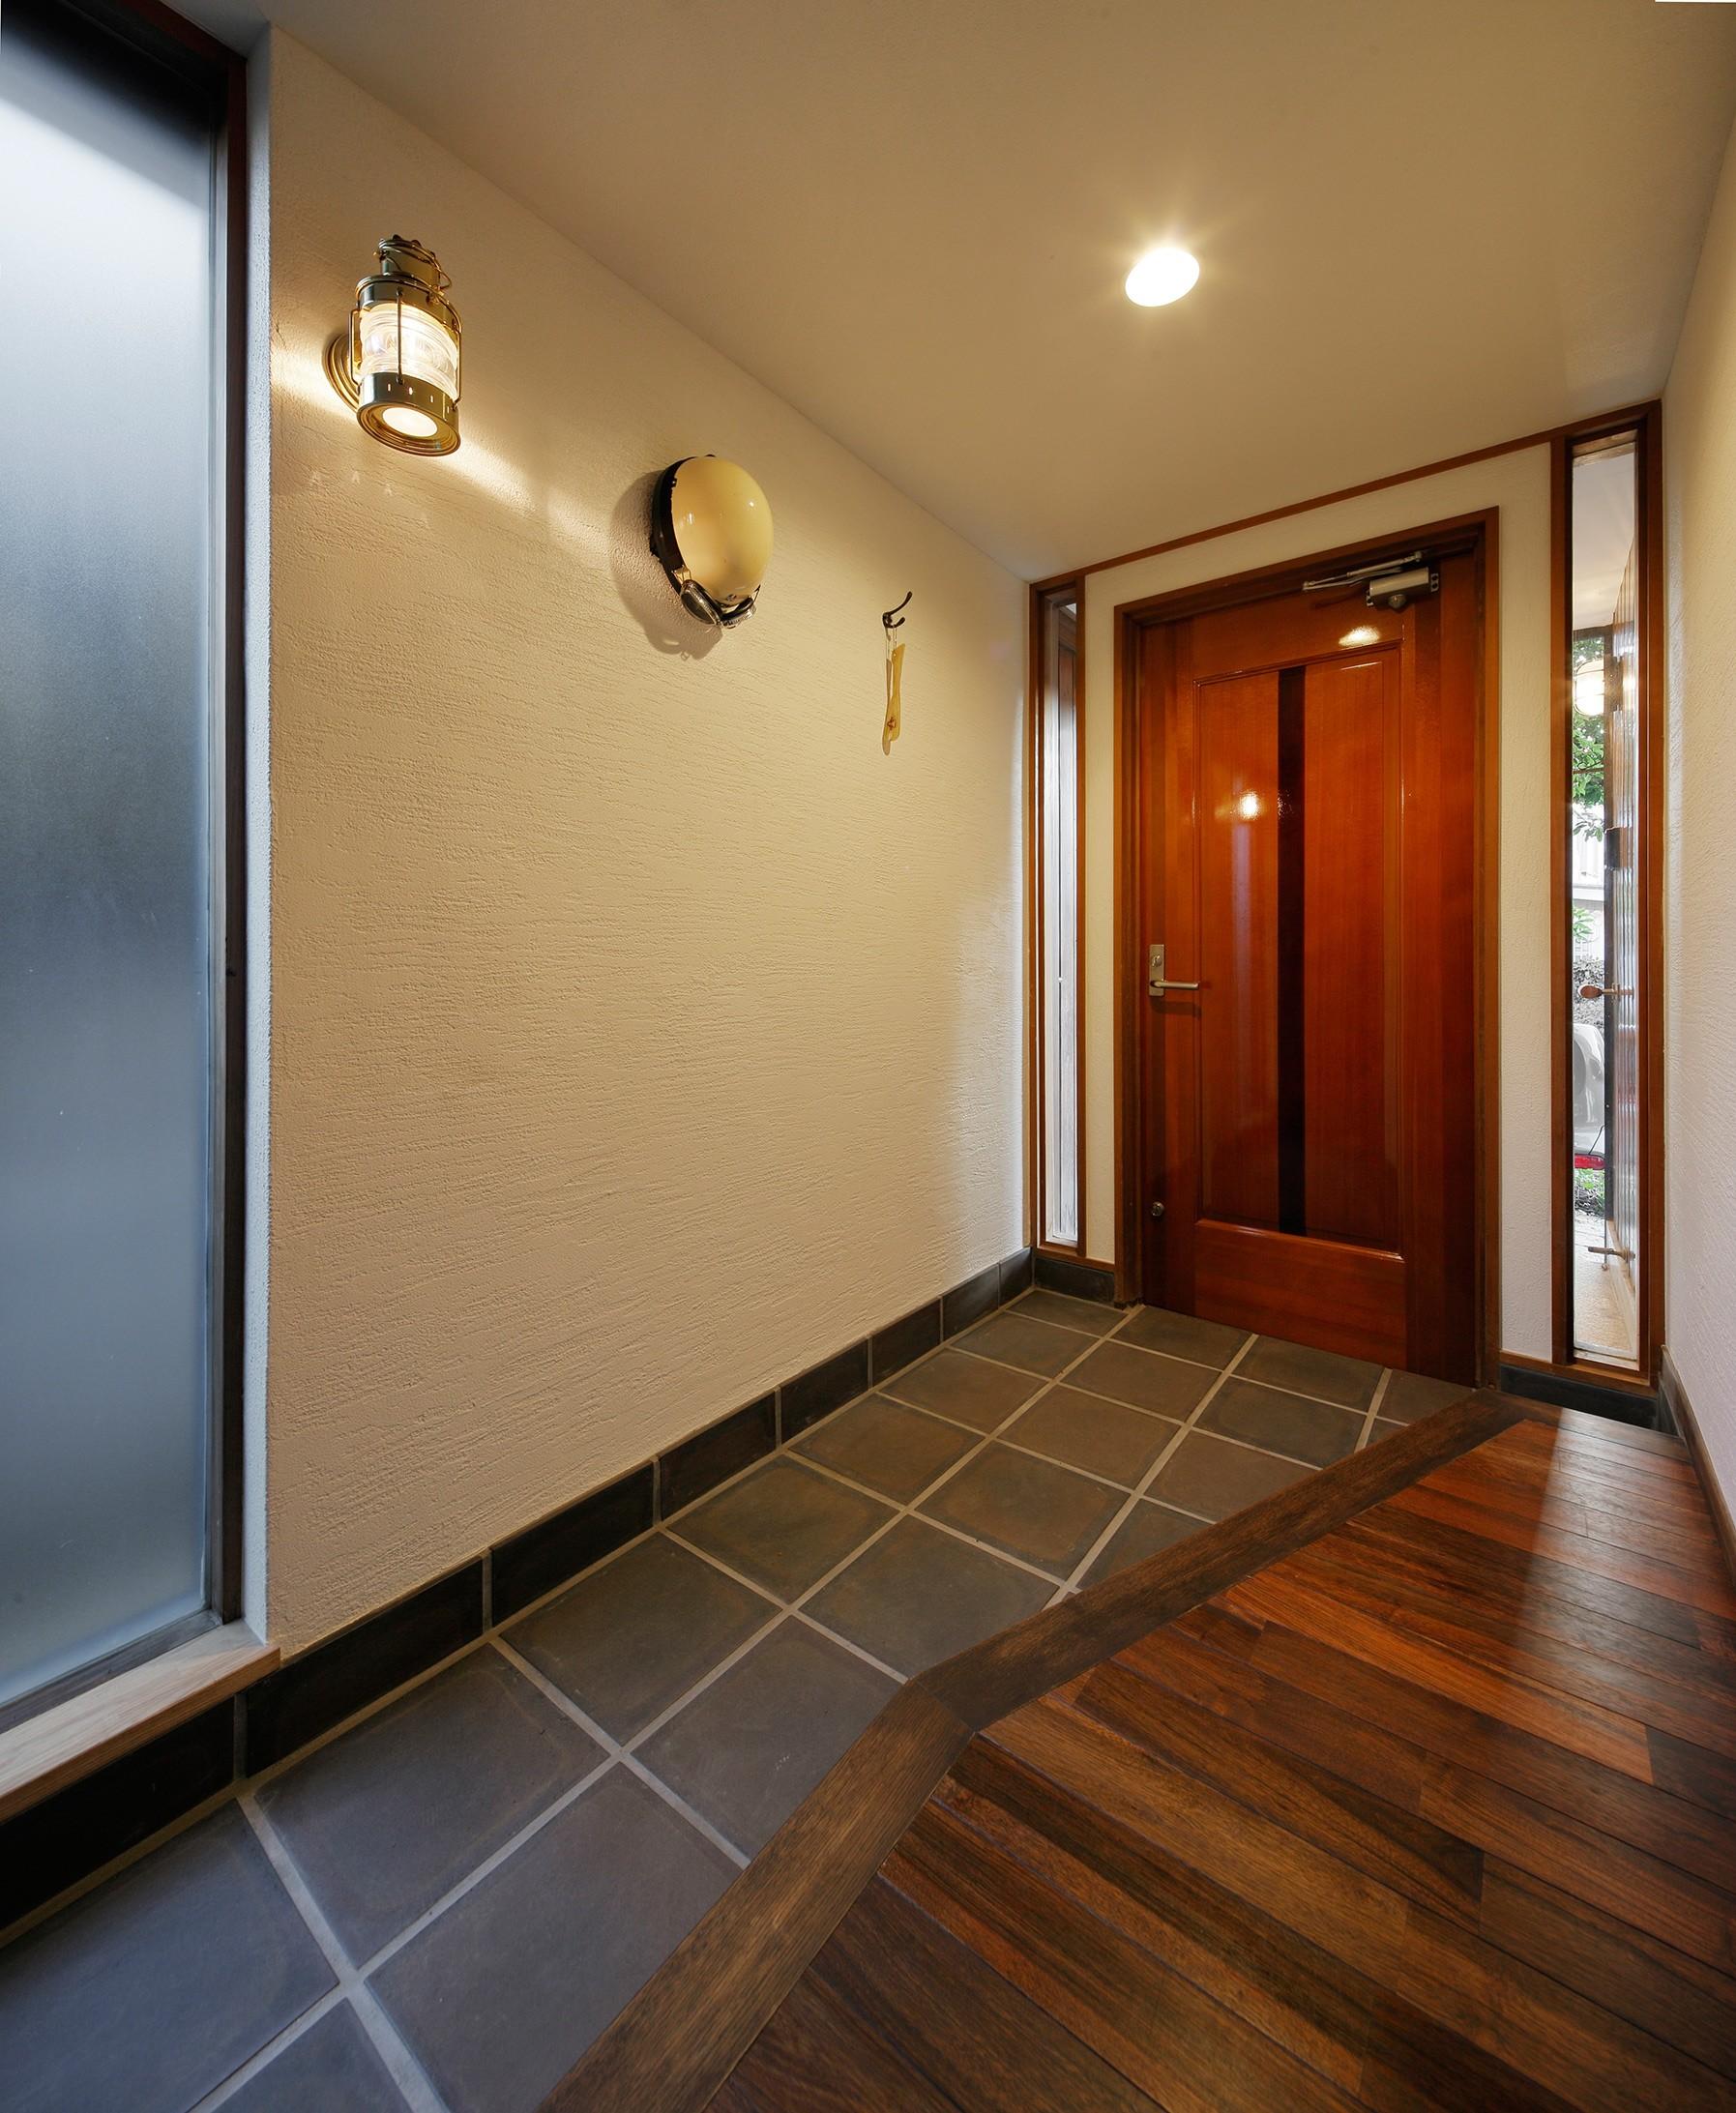 玄関事例:重厚感が漂う上質の玄関(築50年木造の家-古きよき姿を残しながら住み継ぐリノベーション-)